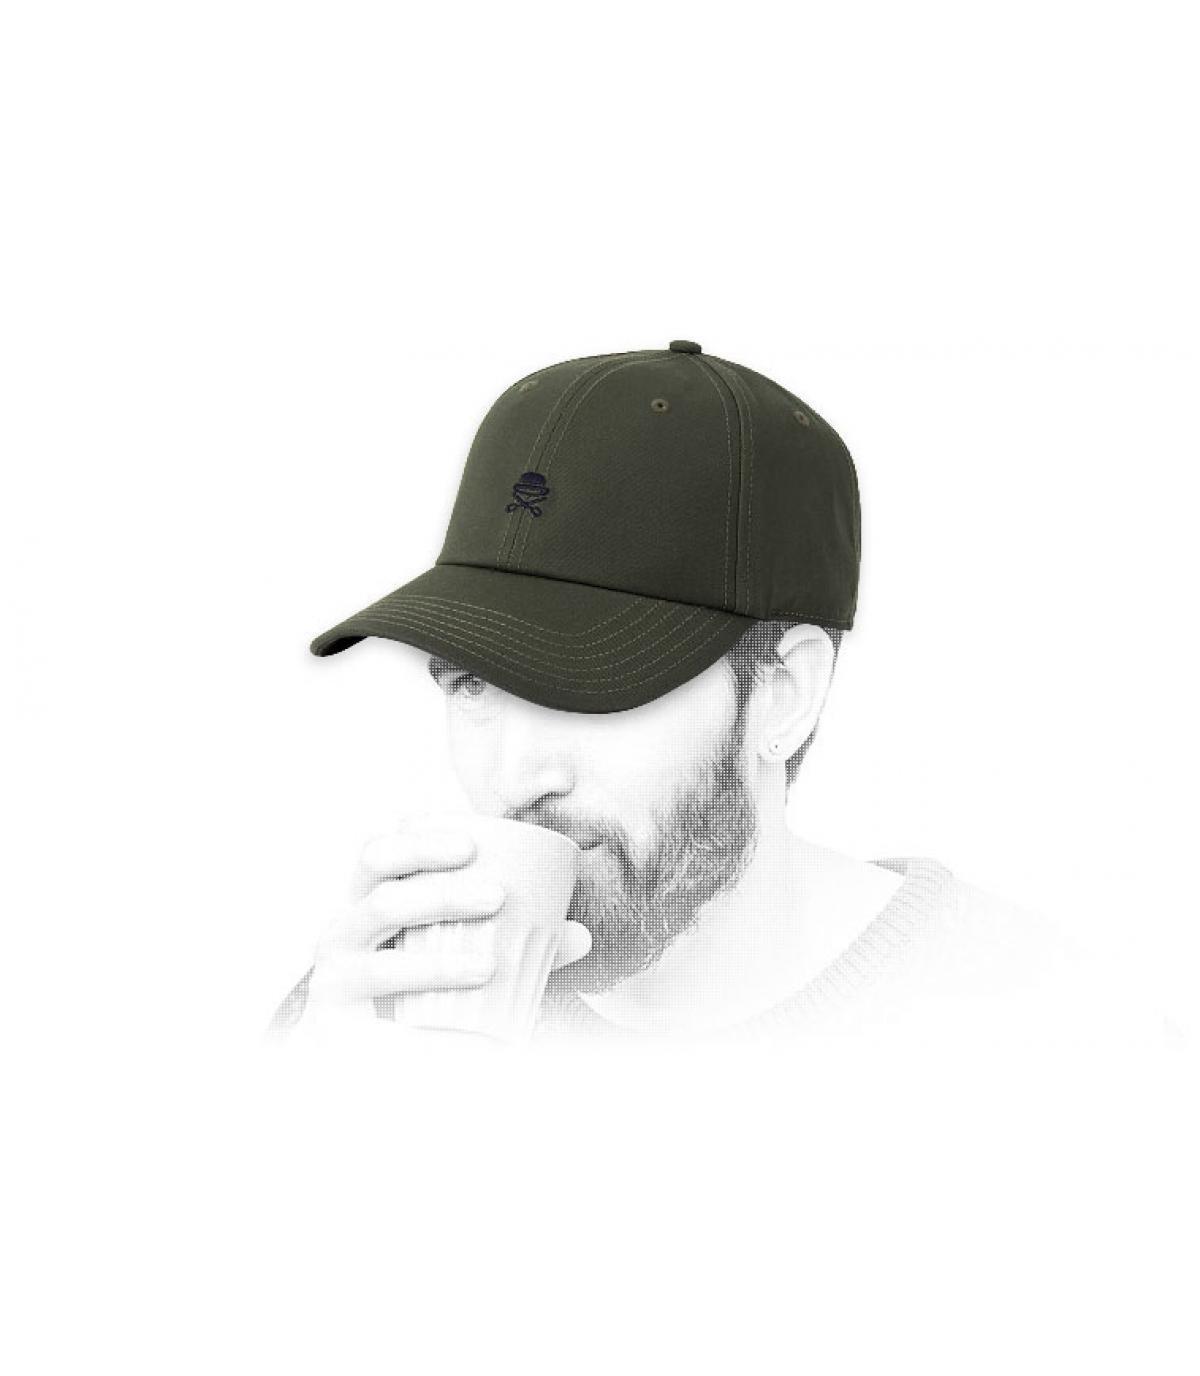 Cappellino con logo Cayler verde